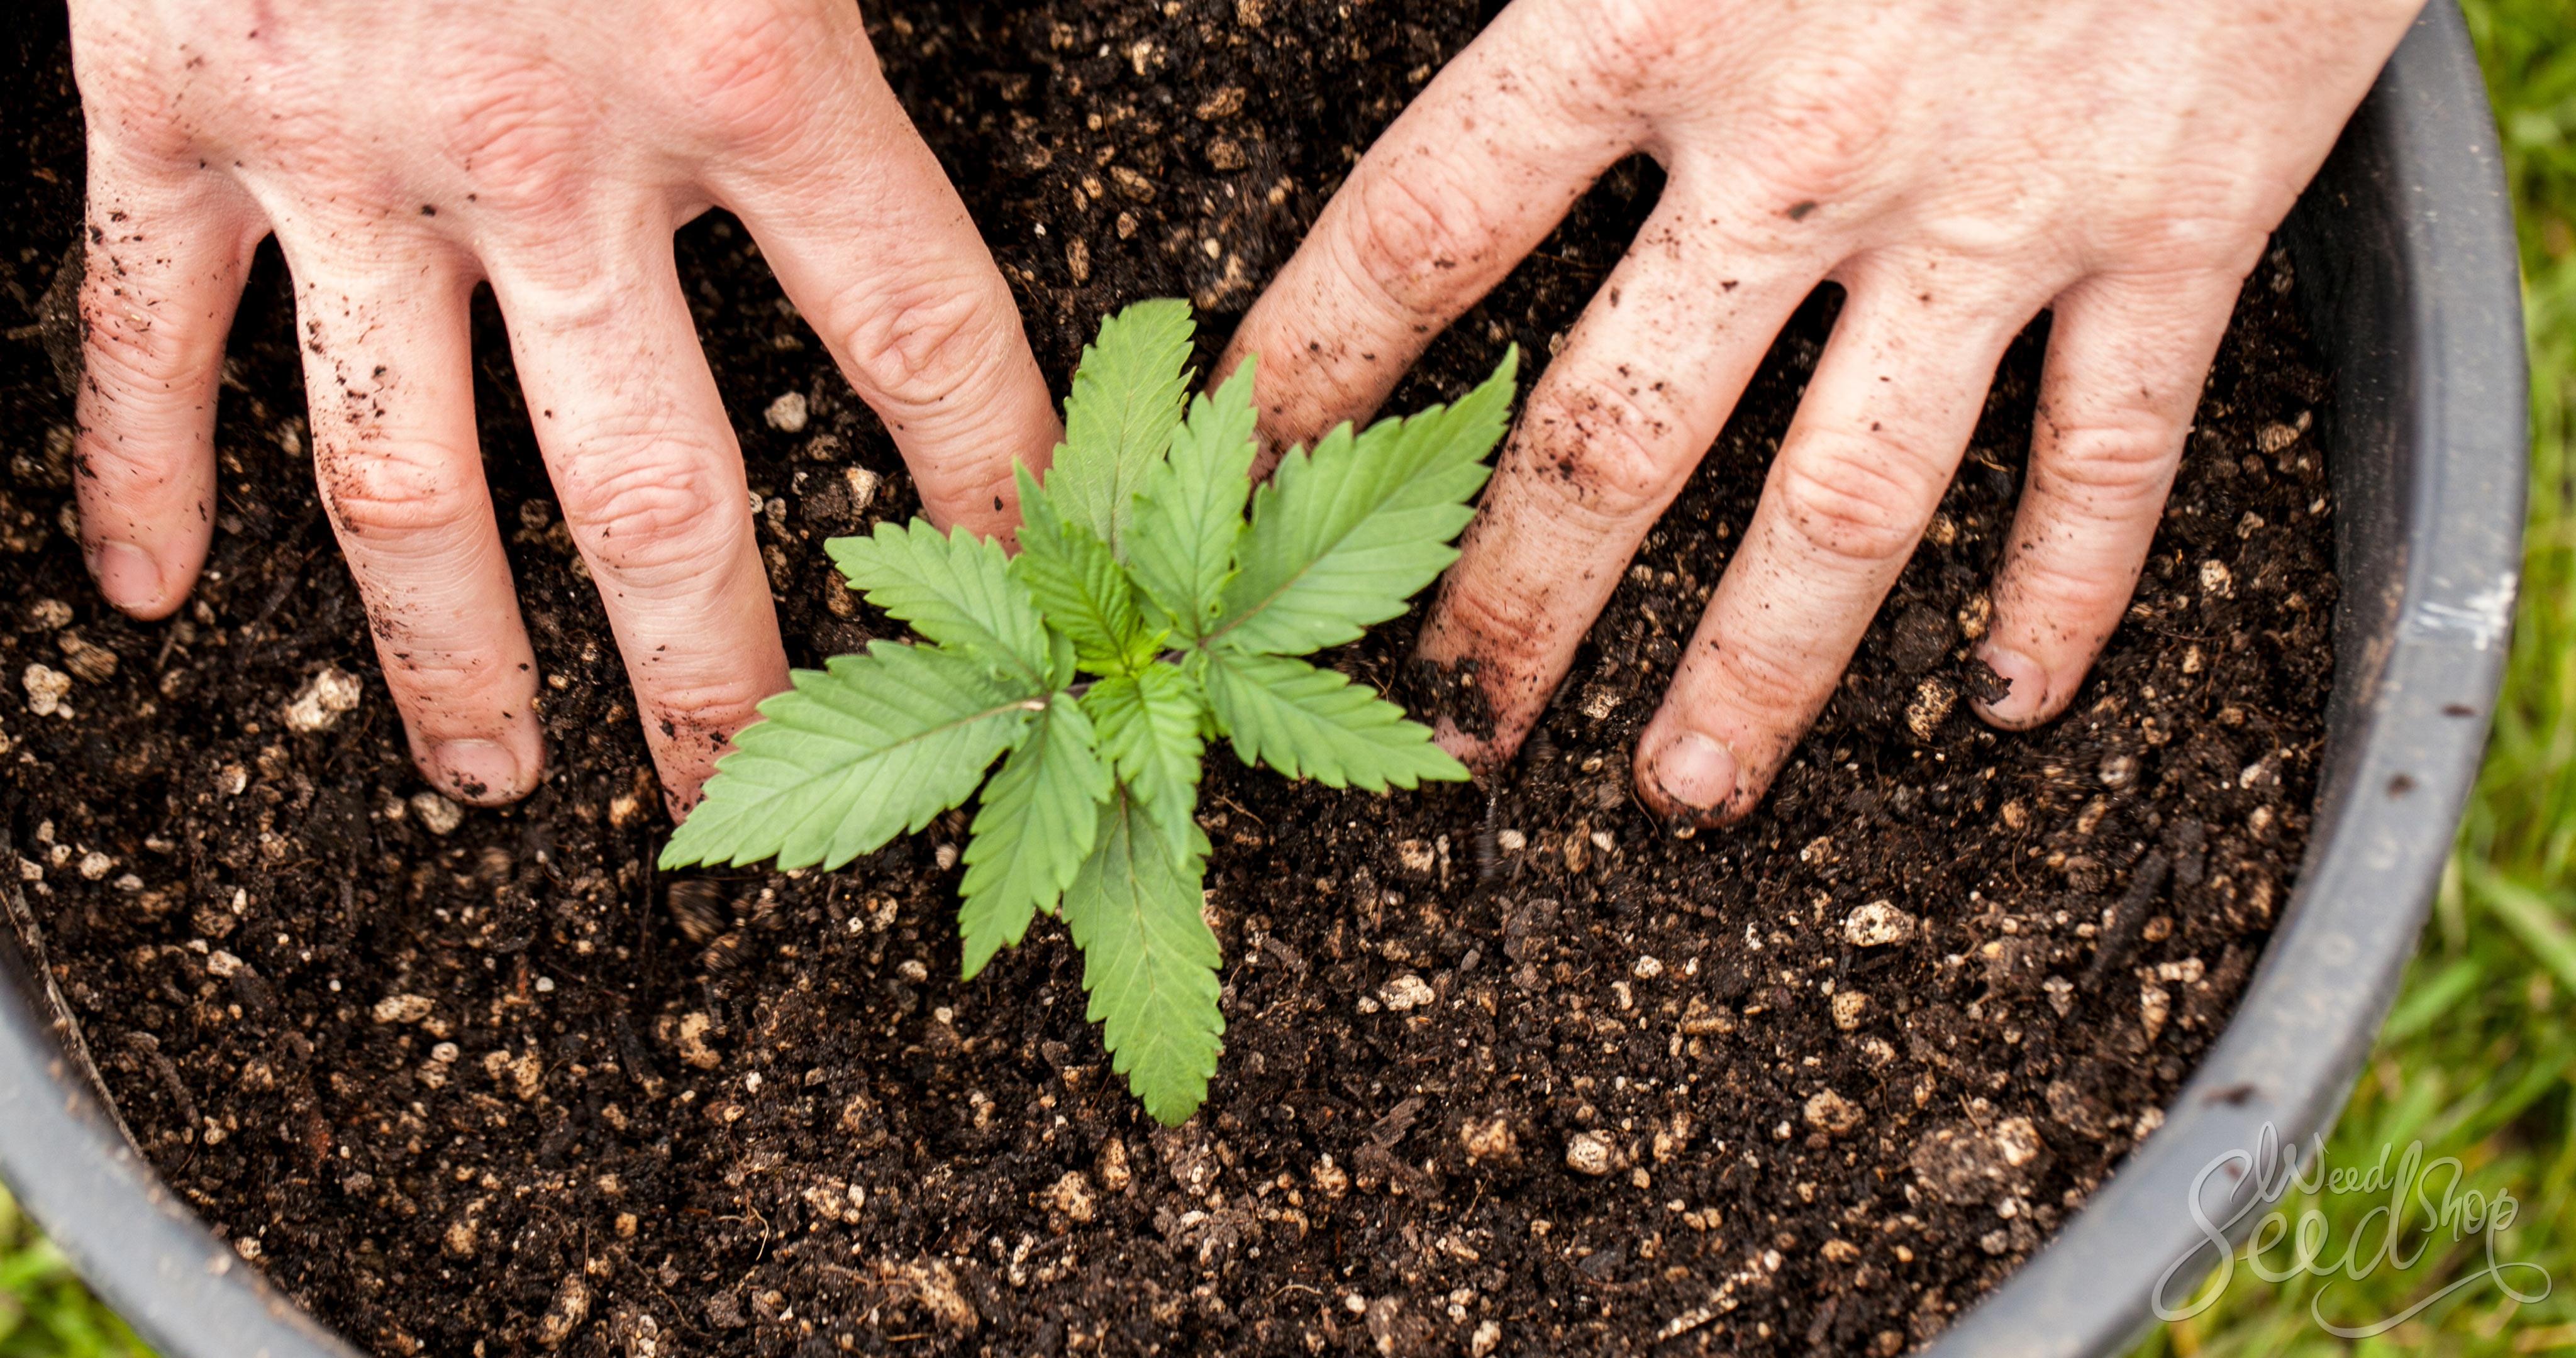 9 Ways to Grow Eco-Friendly Weed- WeedSeedShop